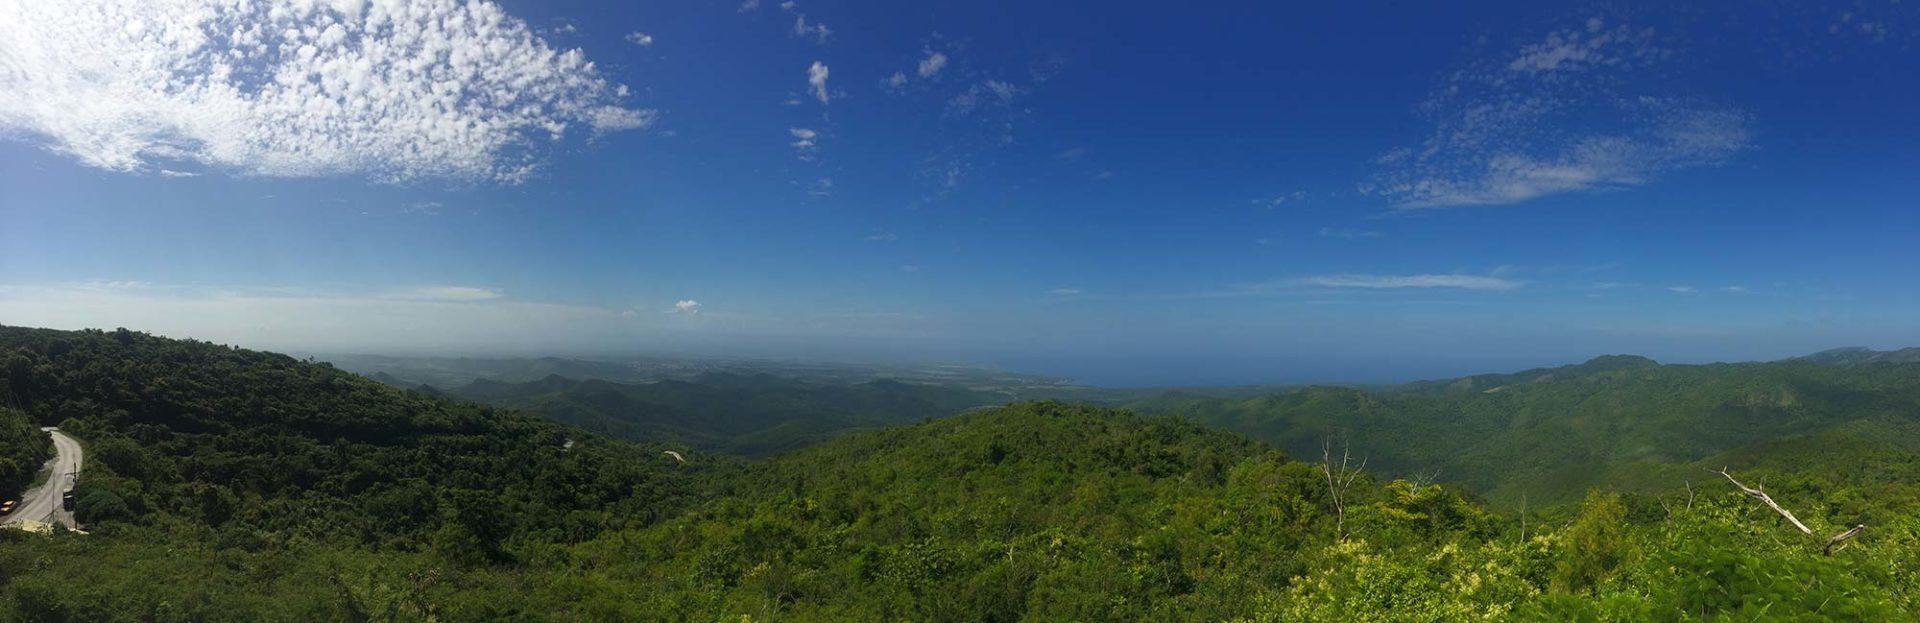 Panoramabilde av et grønt, rullende landskap i Cuba